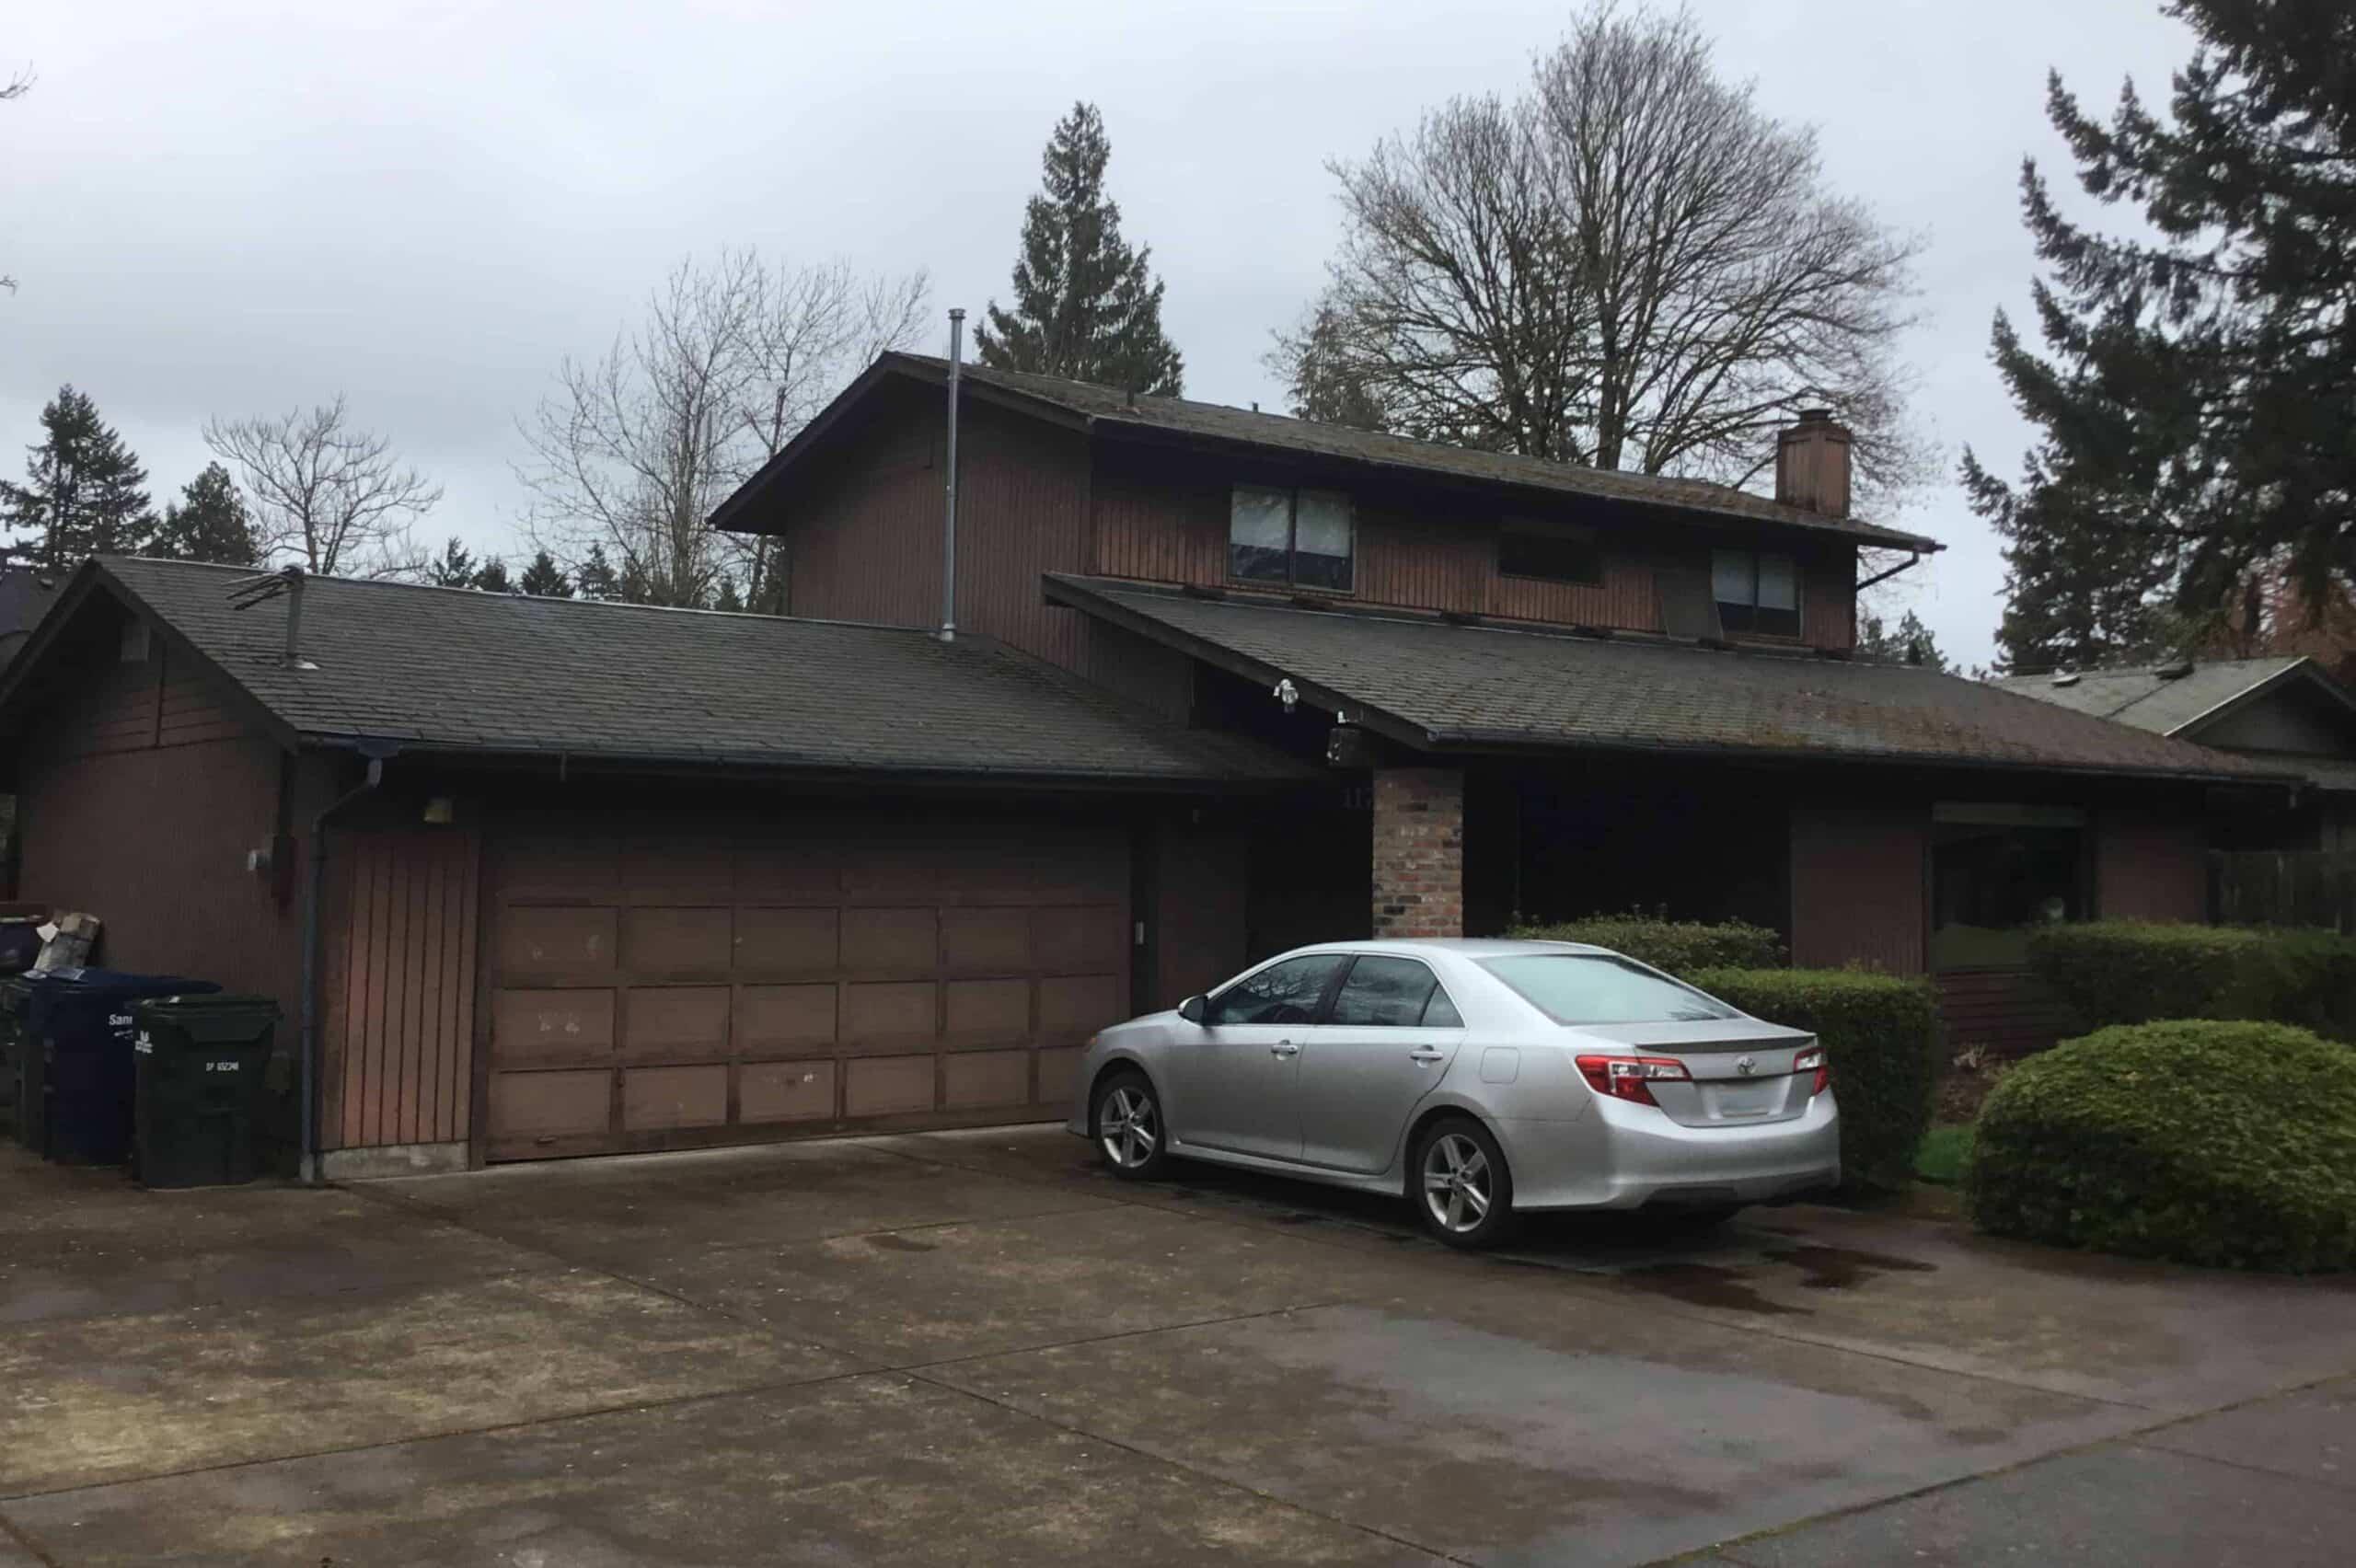 Eugene OR Asphalt Roof Side of the House